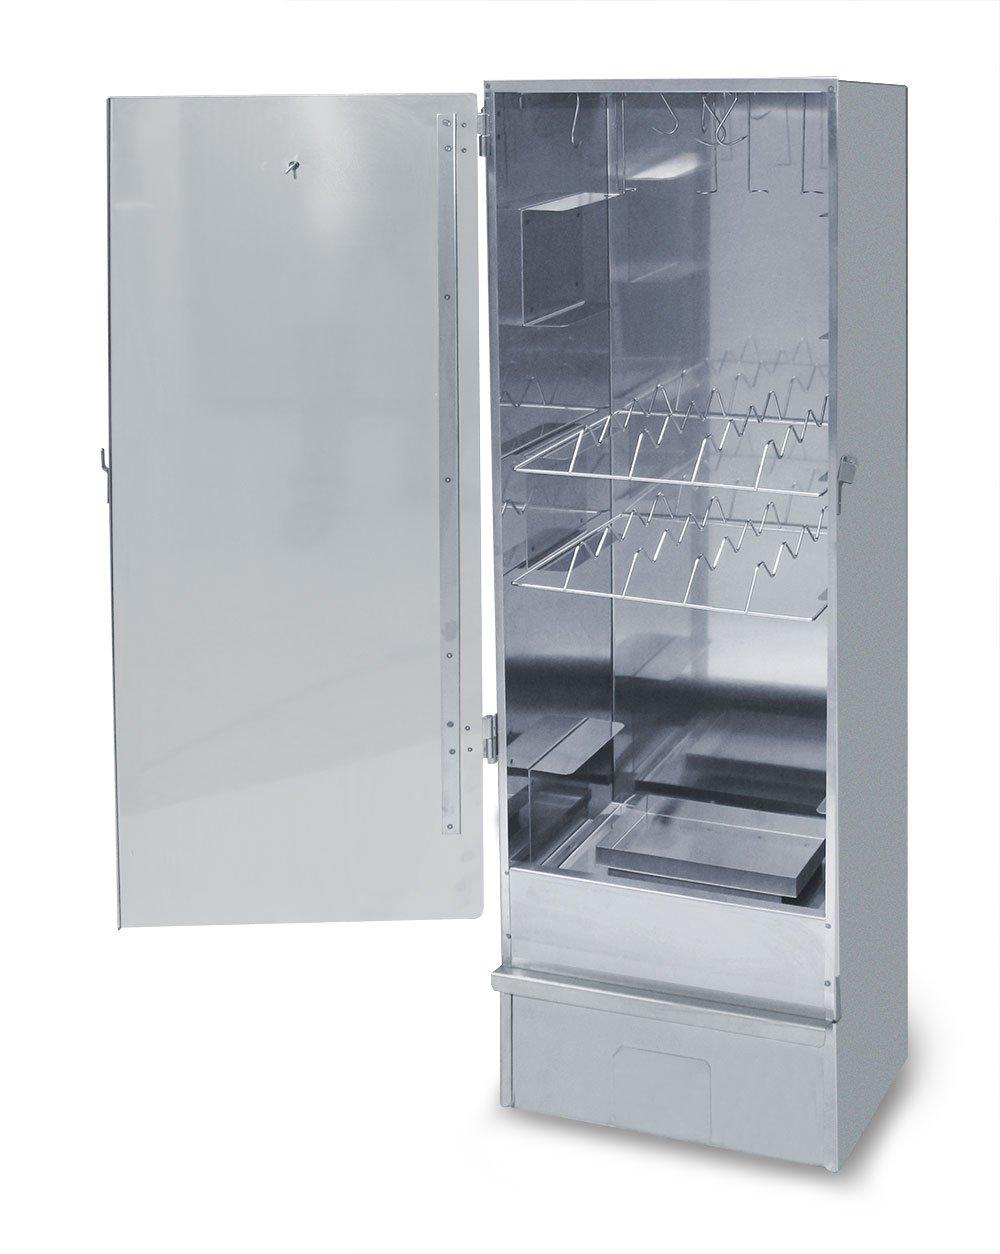 XXL Edelstahl Räucherofen / Räucherschrank mit 120cm Höhe + Gasbrenner 2,5 kw +Thermometer + viel Zubehör günstig bestellen